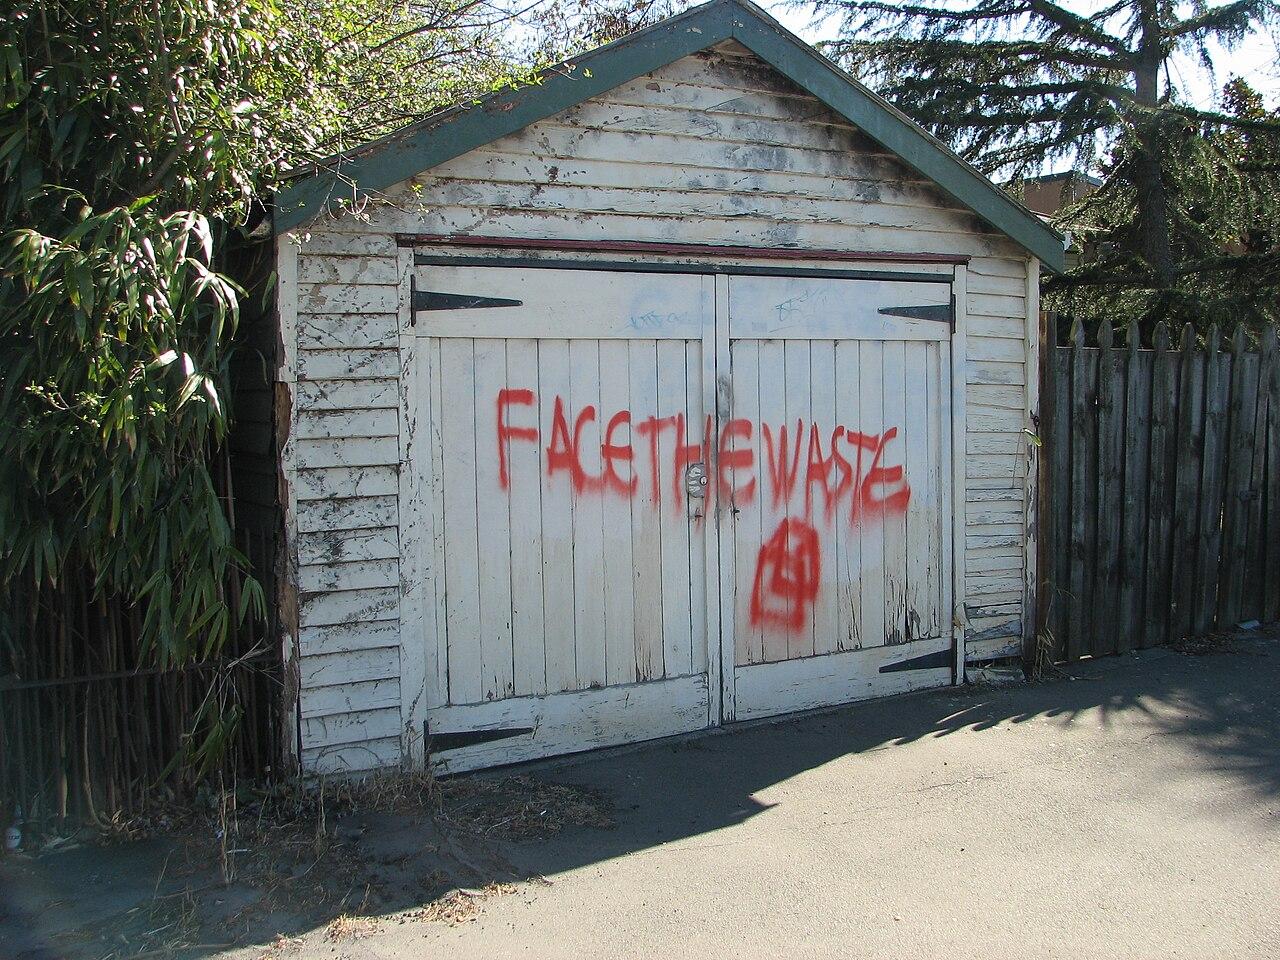 Graffiti wall christchurch - File Graffiti About Waste Christchurch New Zealand Jpg